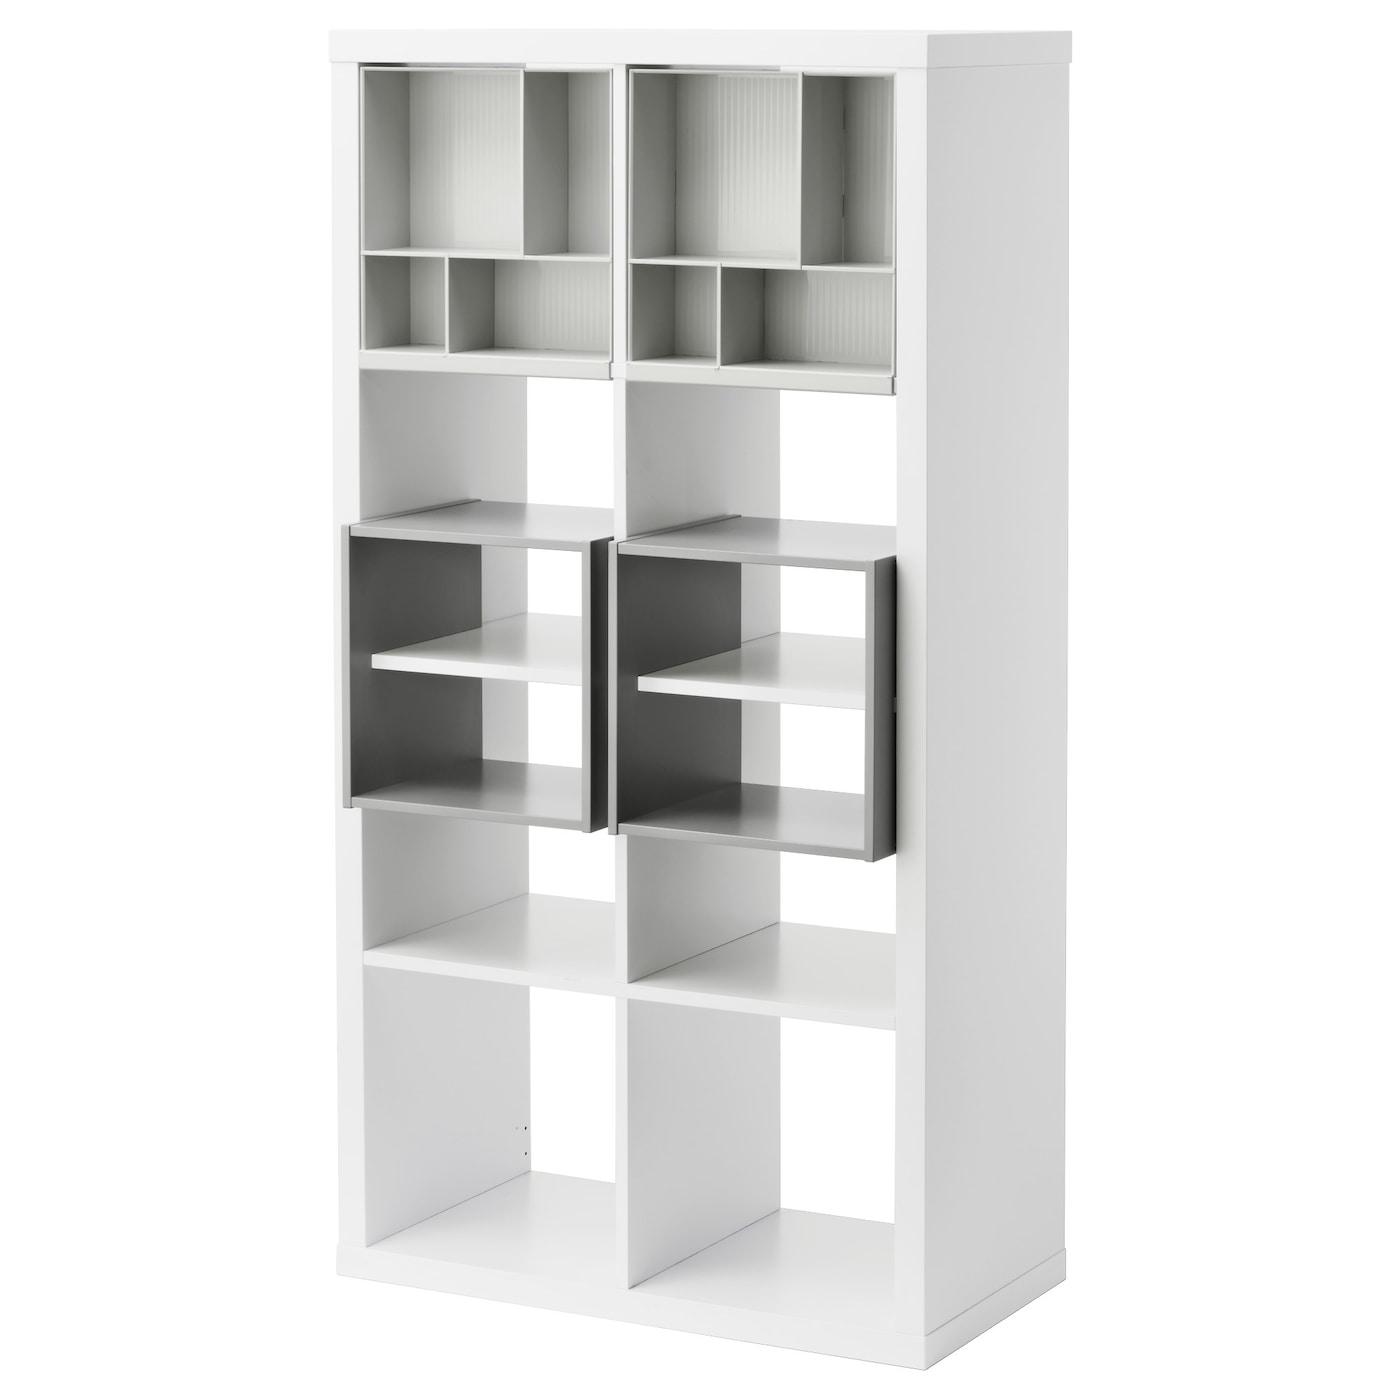 Regal Ikea kallax regal mit 4 einsätzen weiß ikea